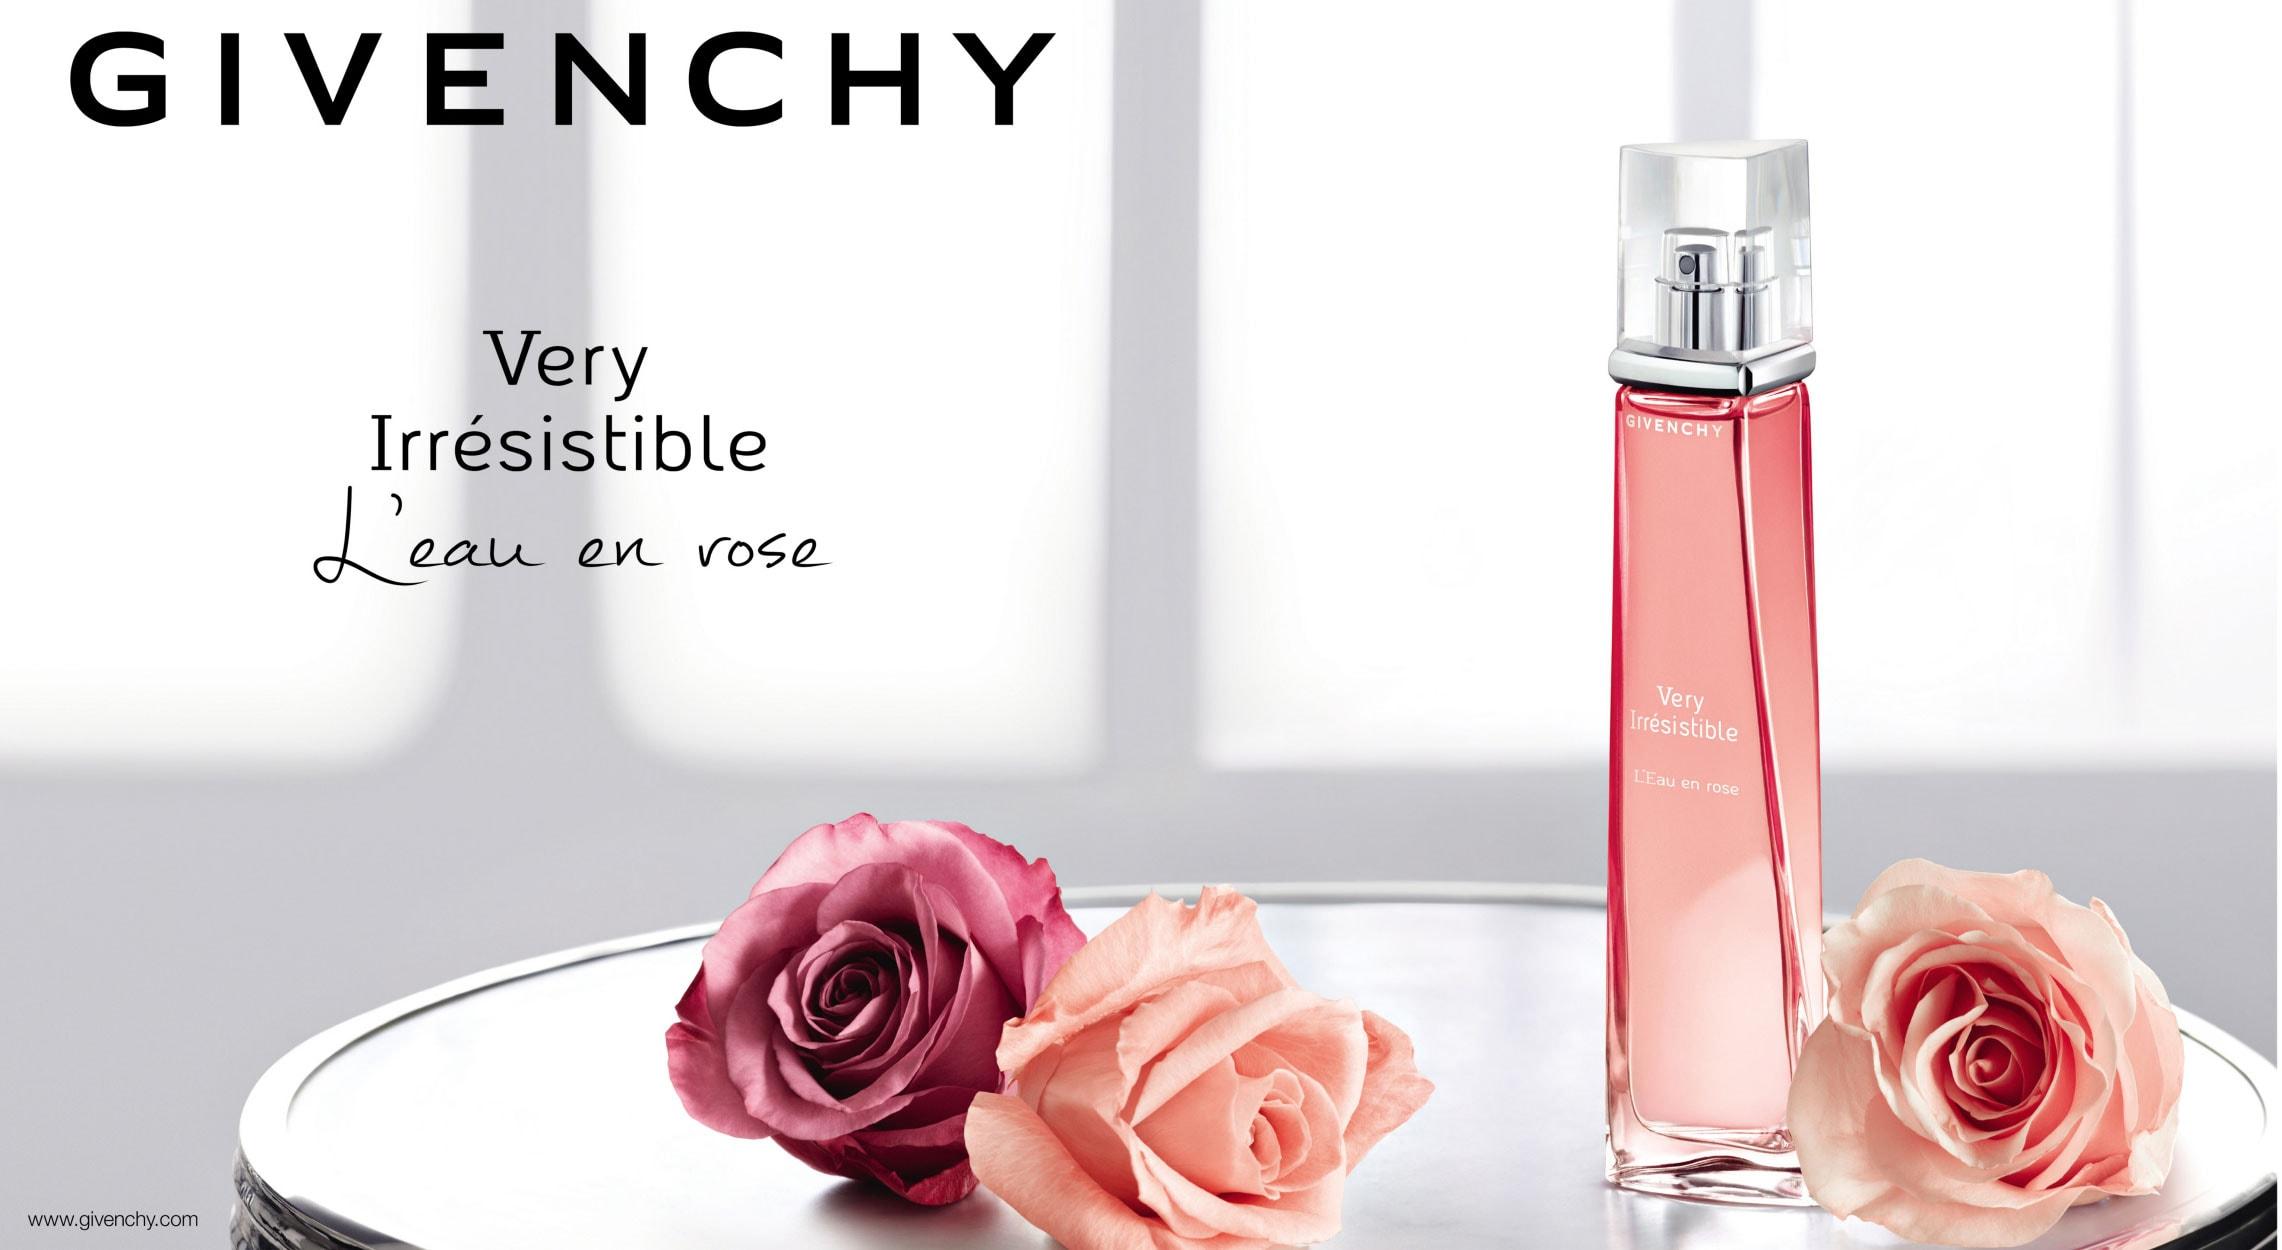 Very Irresistible L'eau En Rose 6